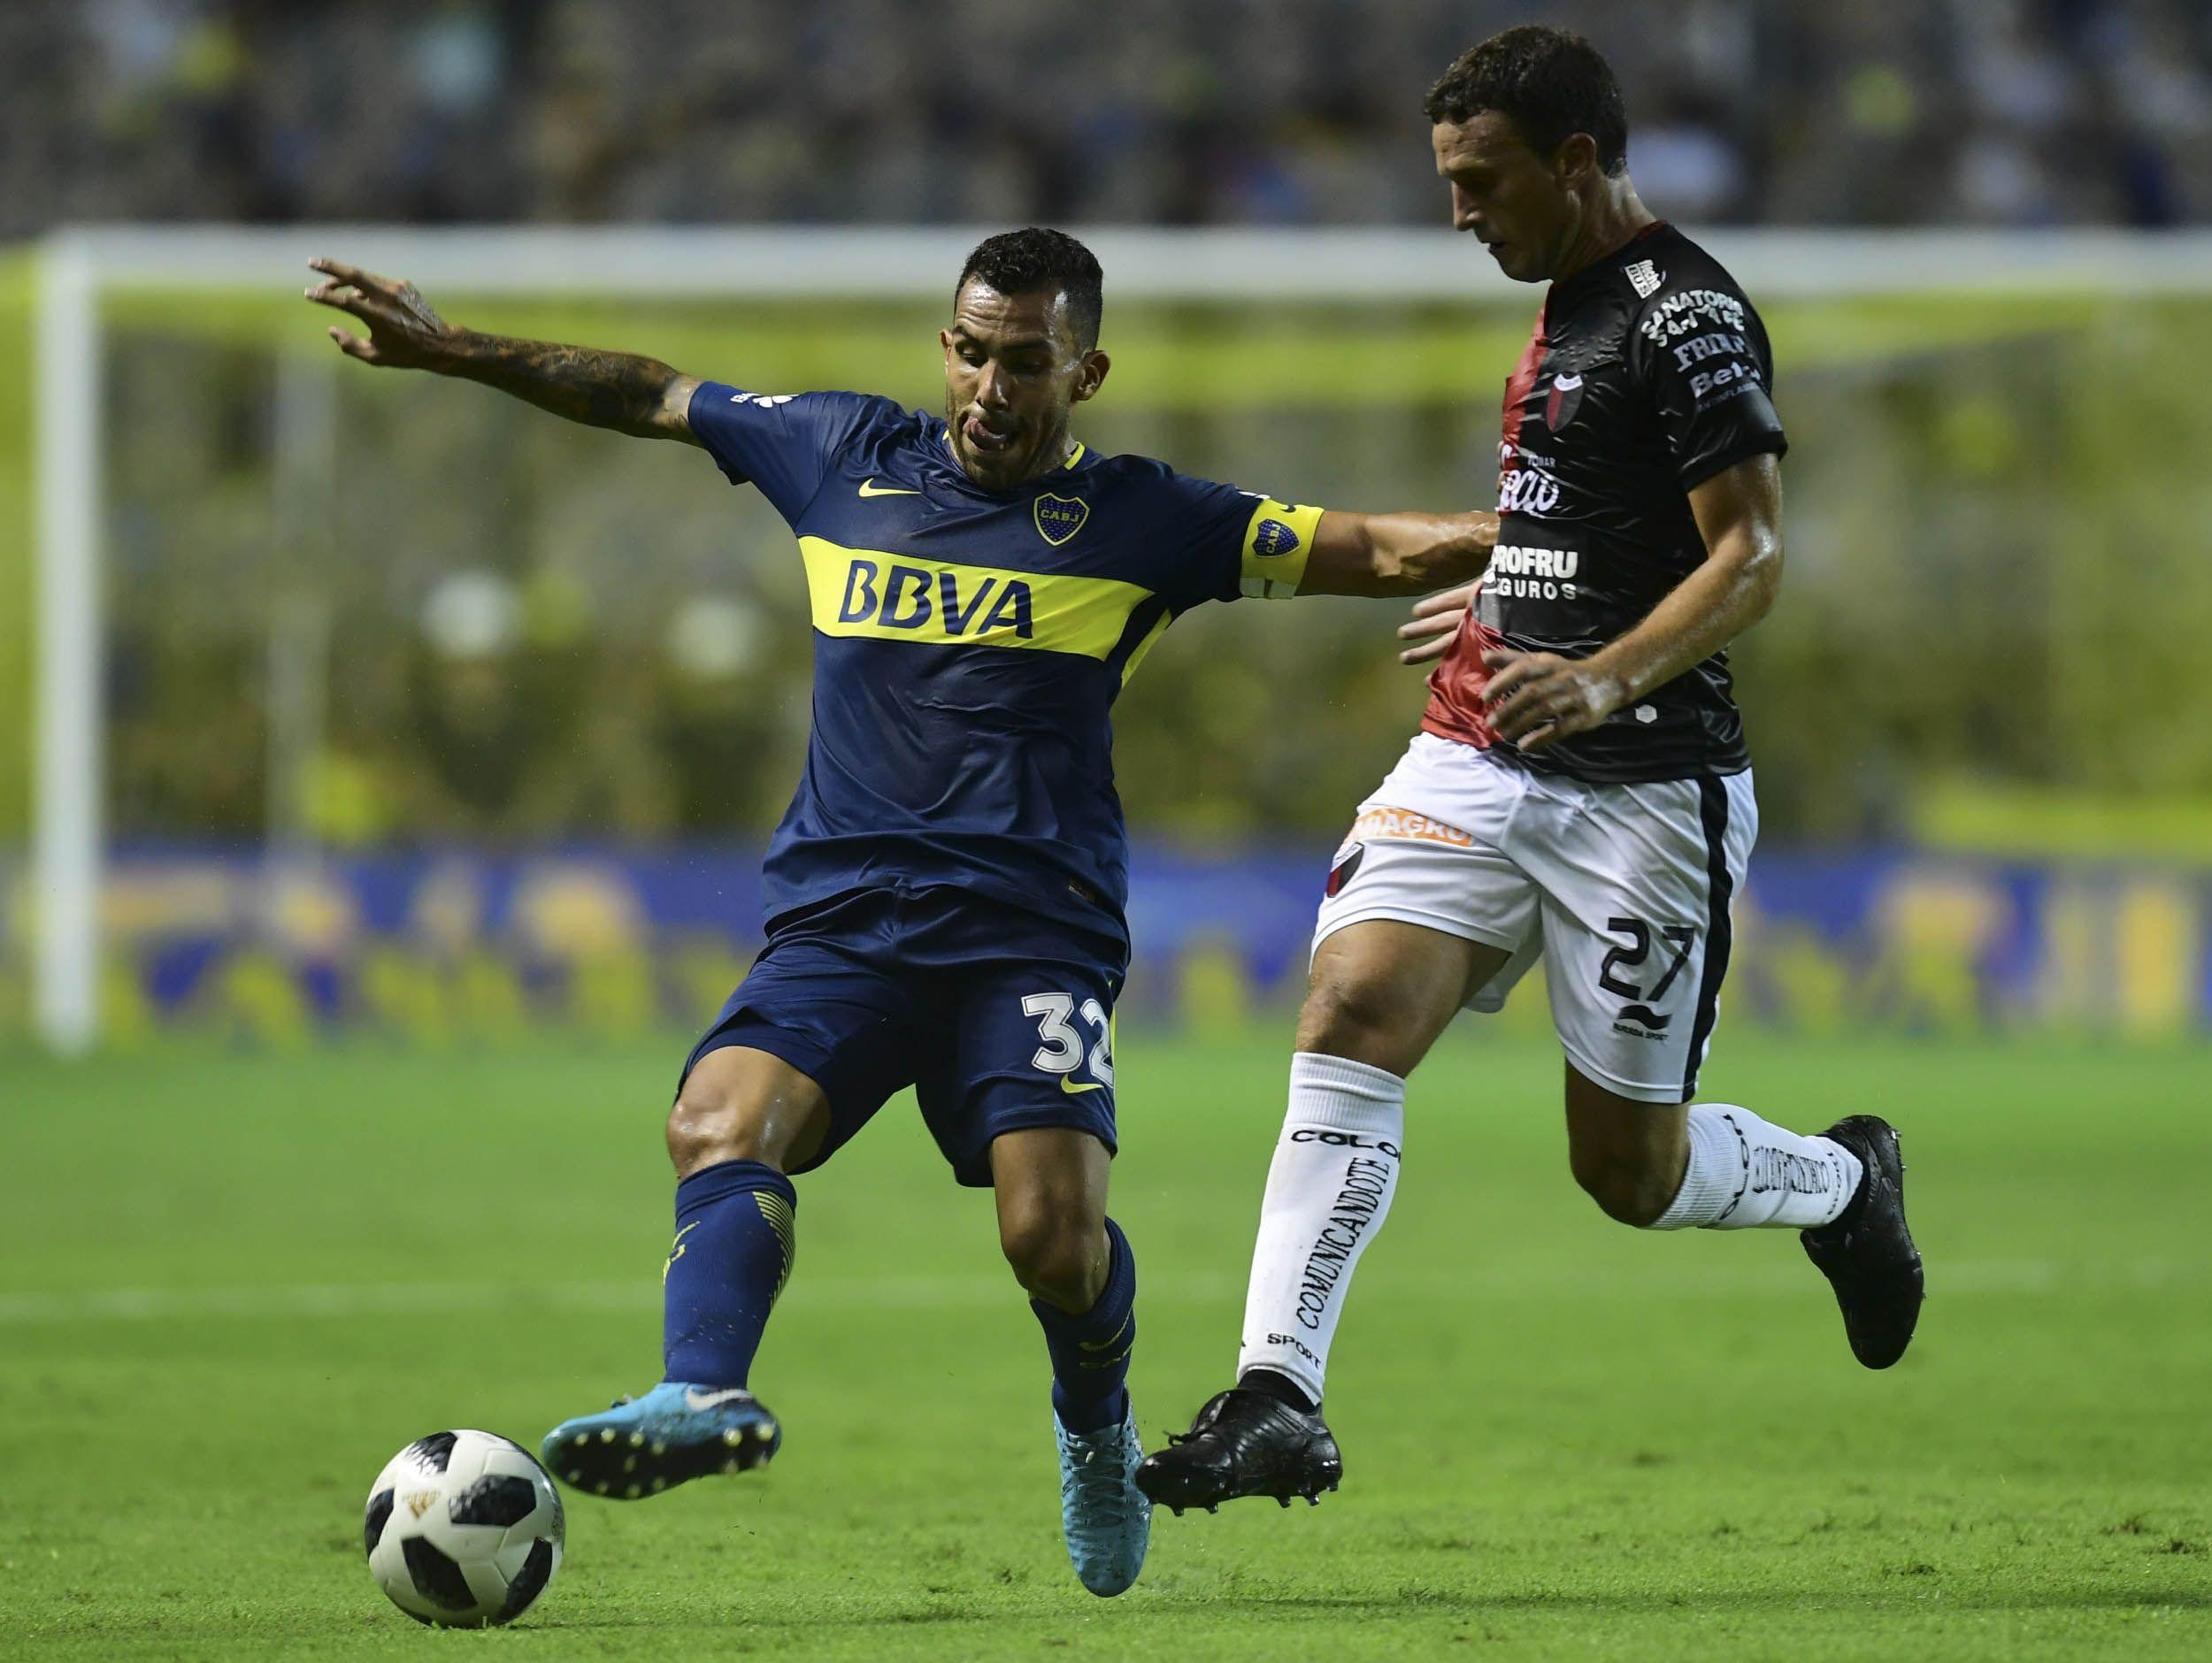 En la vuelta de Tevez, Boca derrotó a Colón y amplió su ventaja en la Superliga